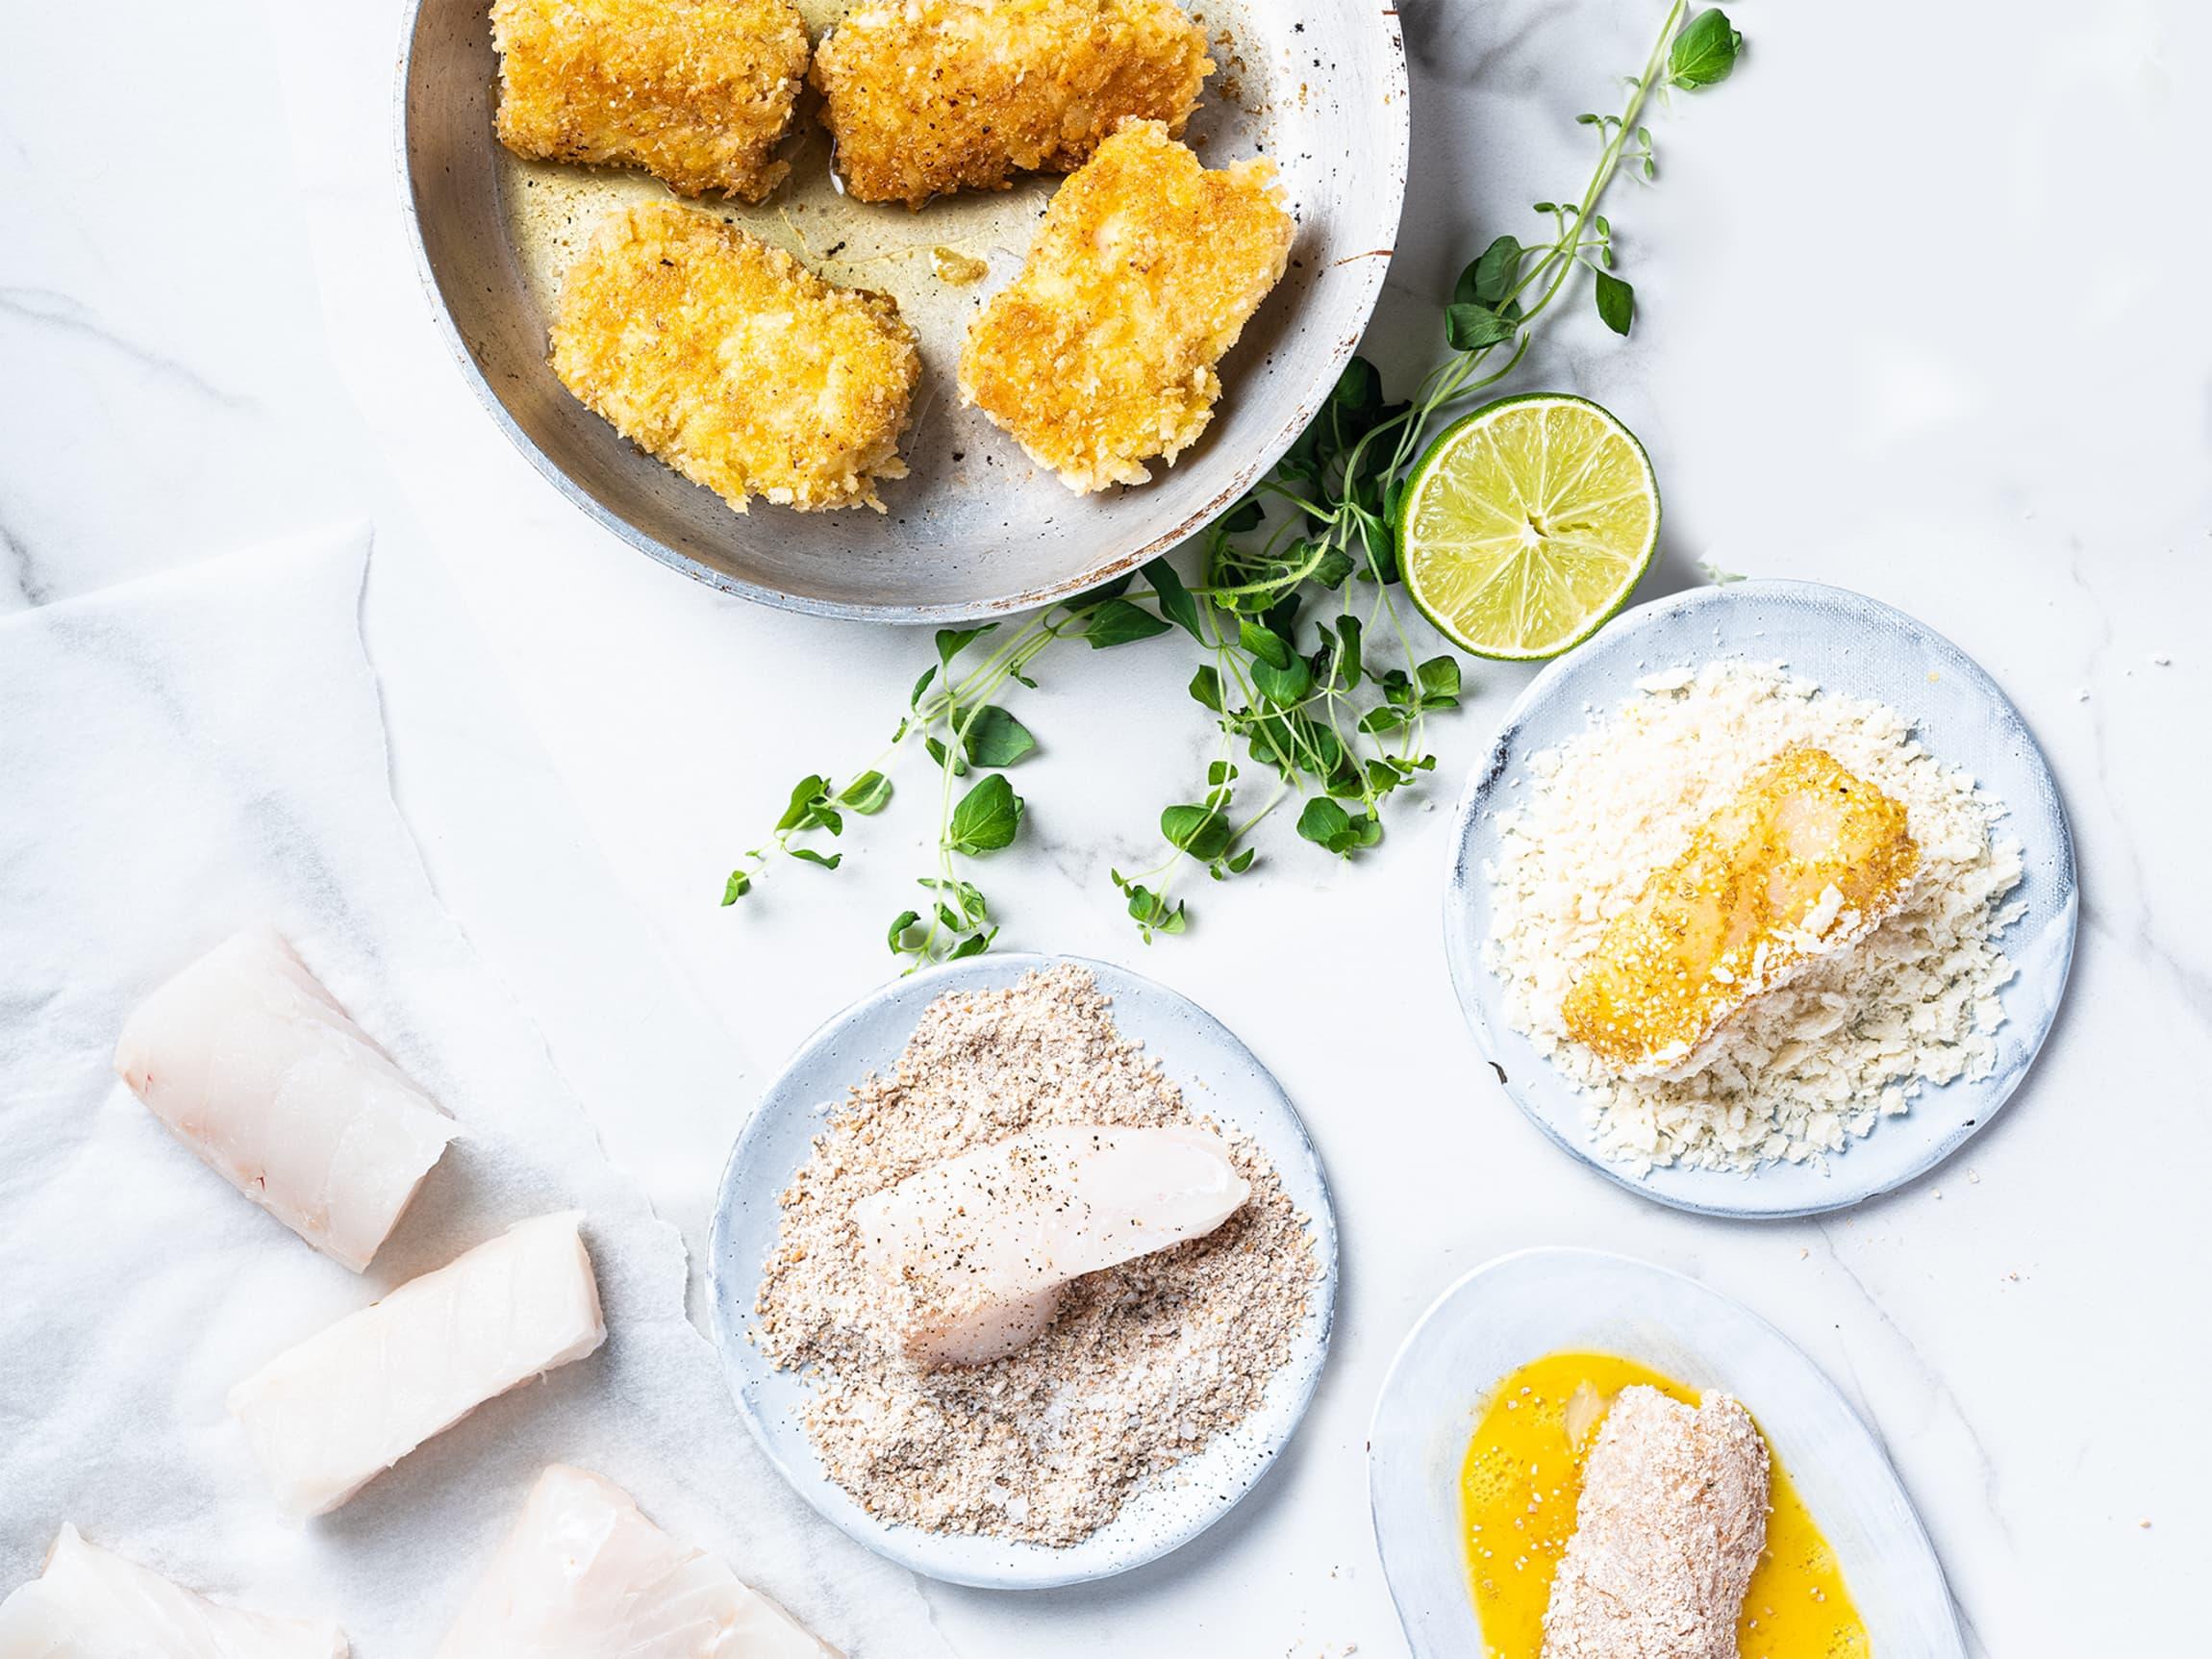 Å lage fiskepinner er gøy for barna, la dem bli med på kjøkkenet!